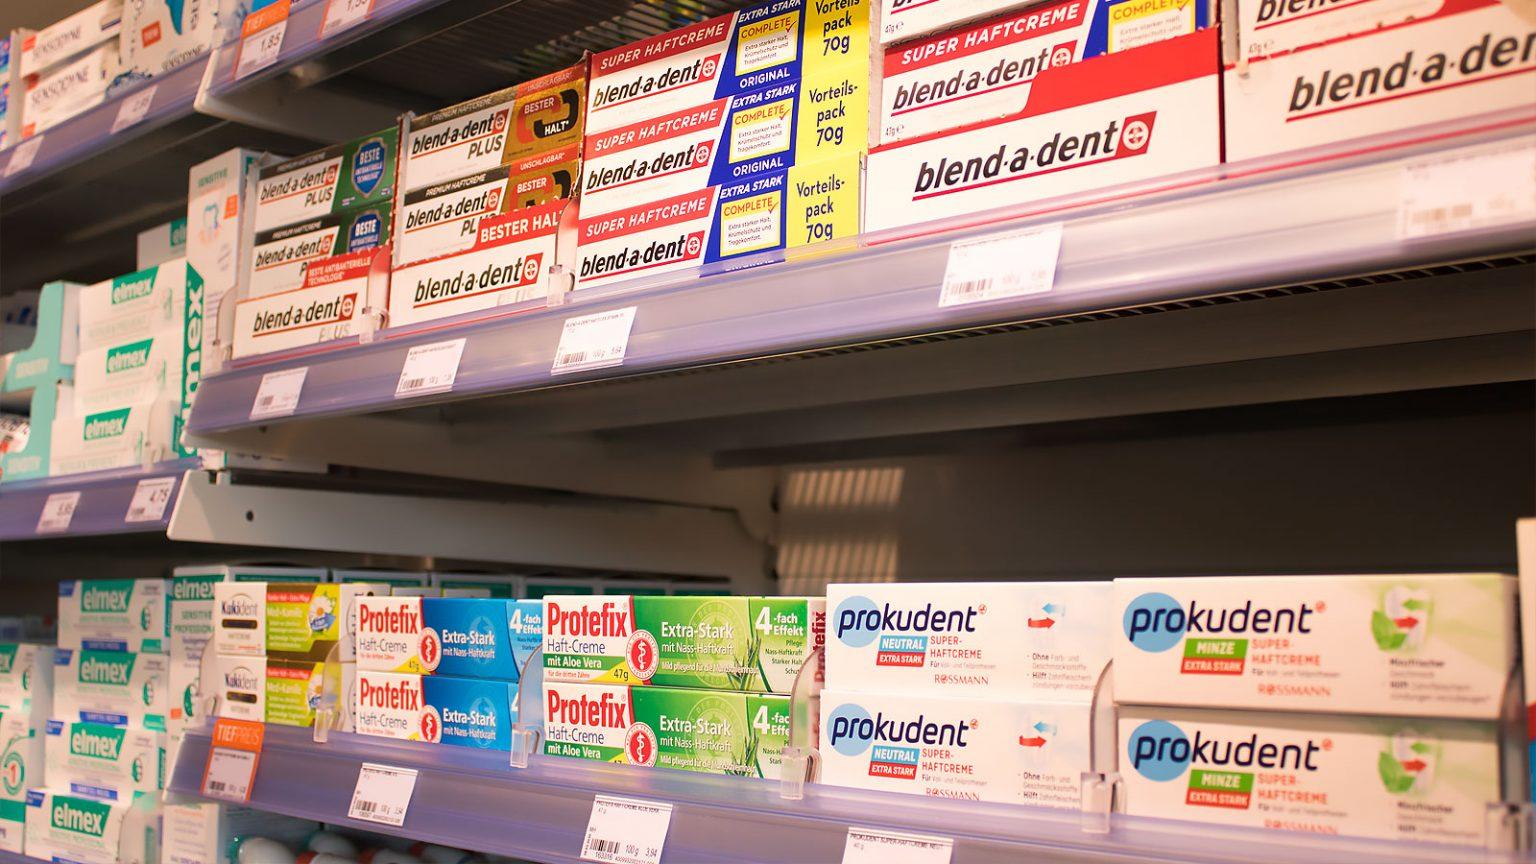 真正的德国牙膏,在德国超市买得到的牙膏,prokudent必固登洁在德国ROSSMANN实拍货架照片